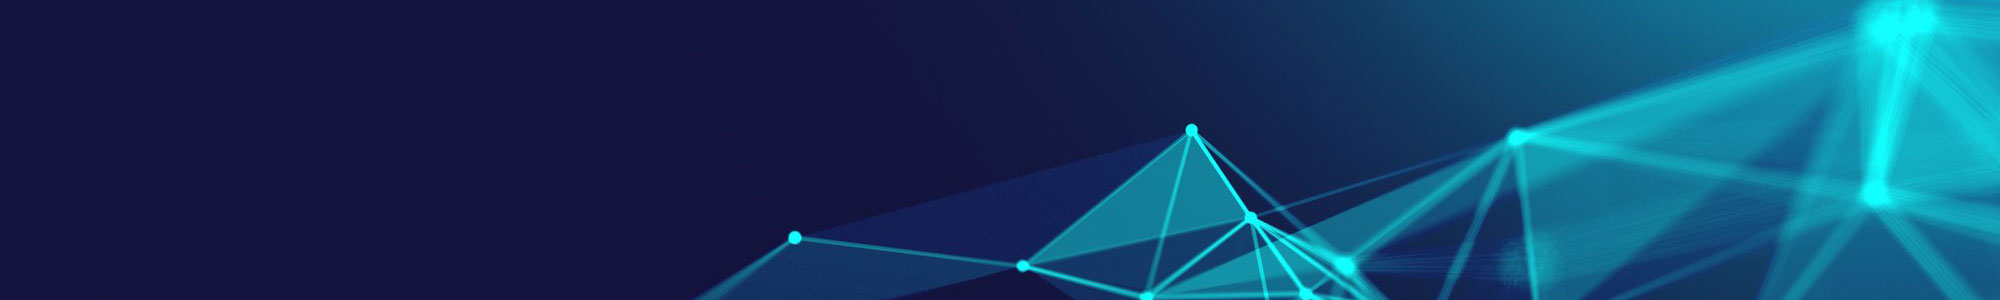 Detailed Steps to Fix Windows 10 Endless Reboot Loop (Update